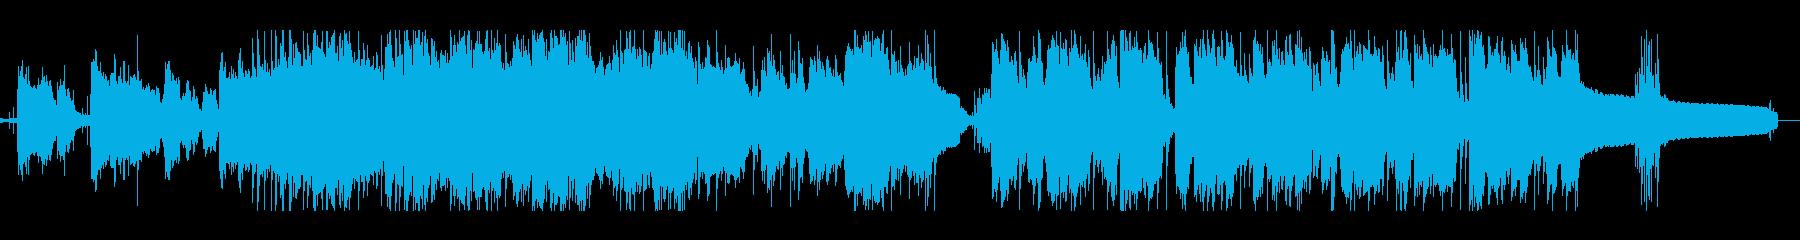 ドリームランドの再生済みの波形